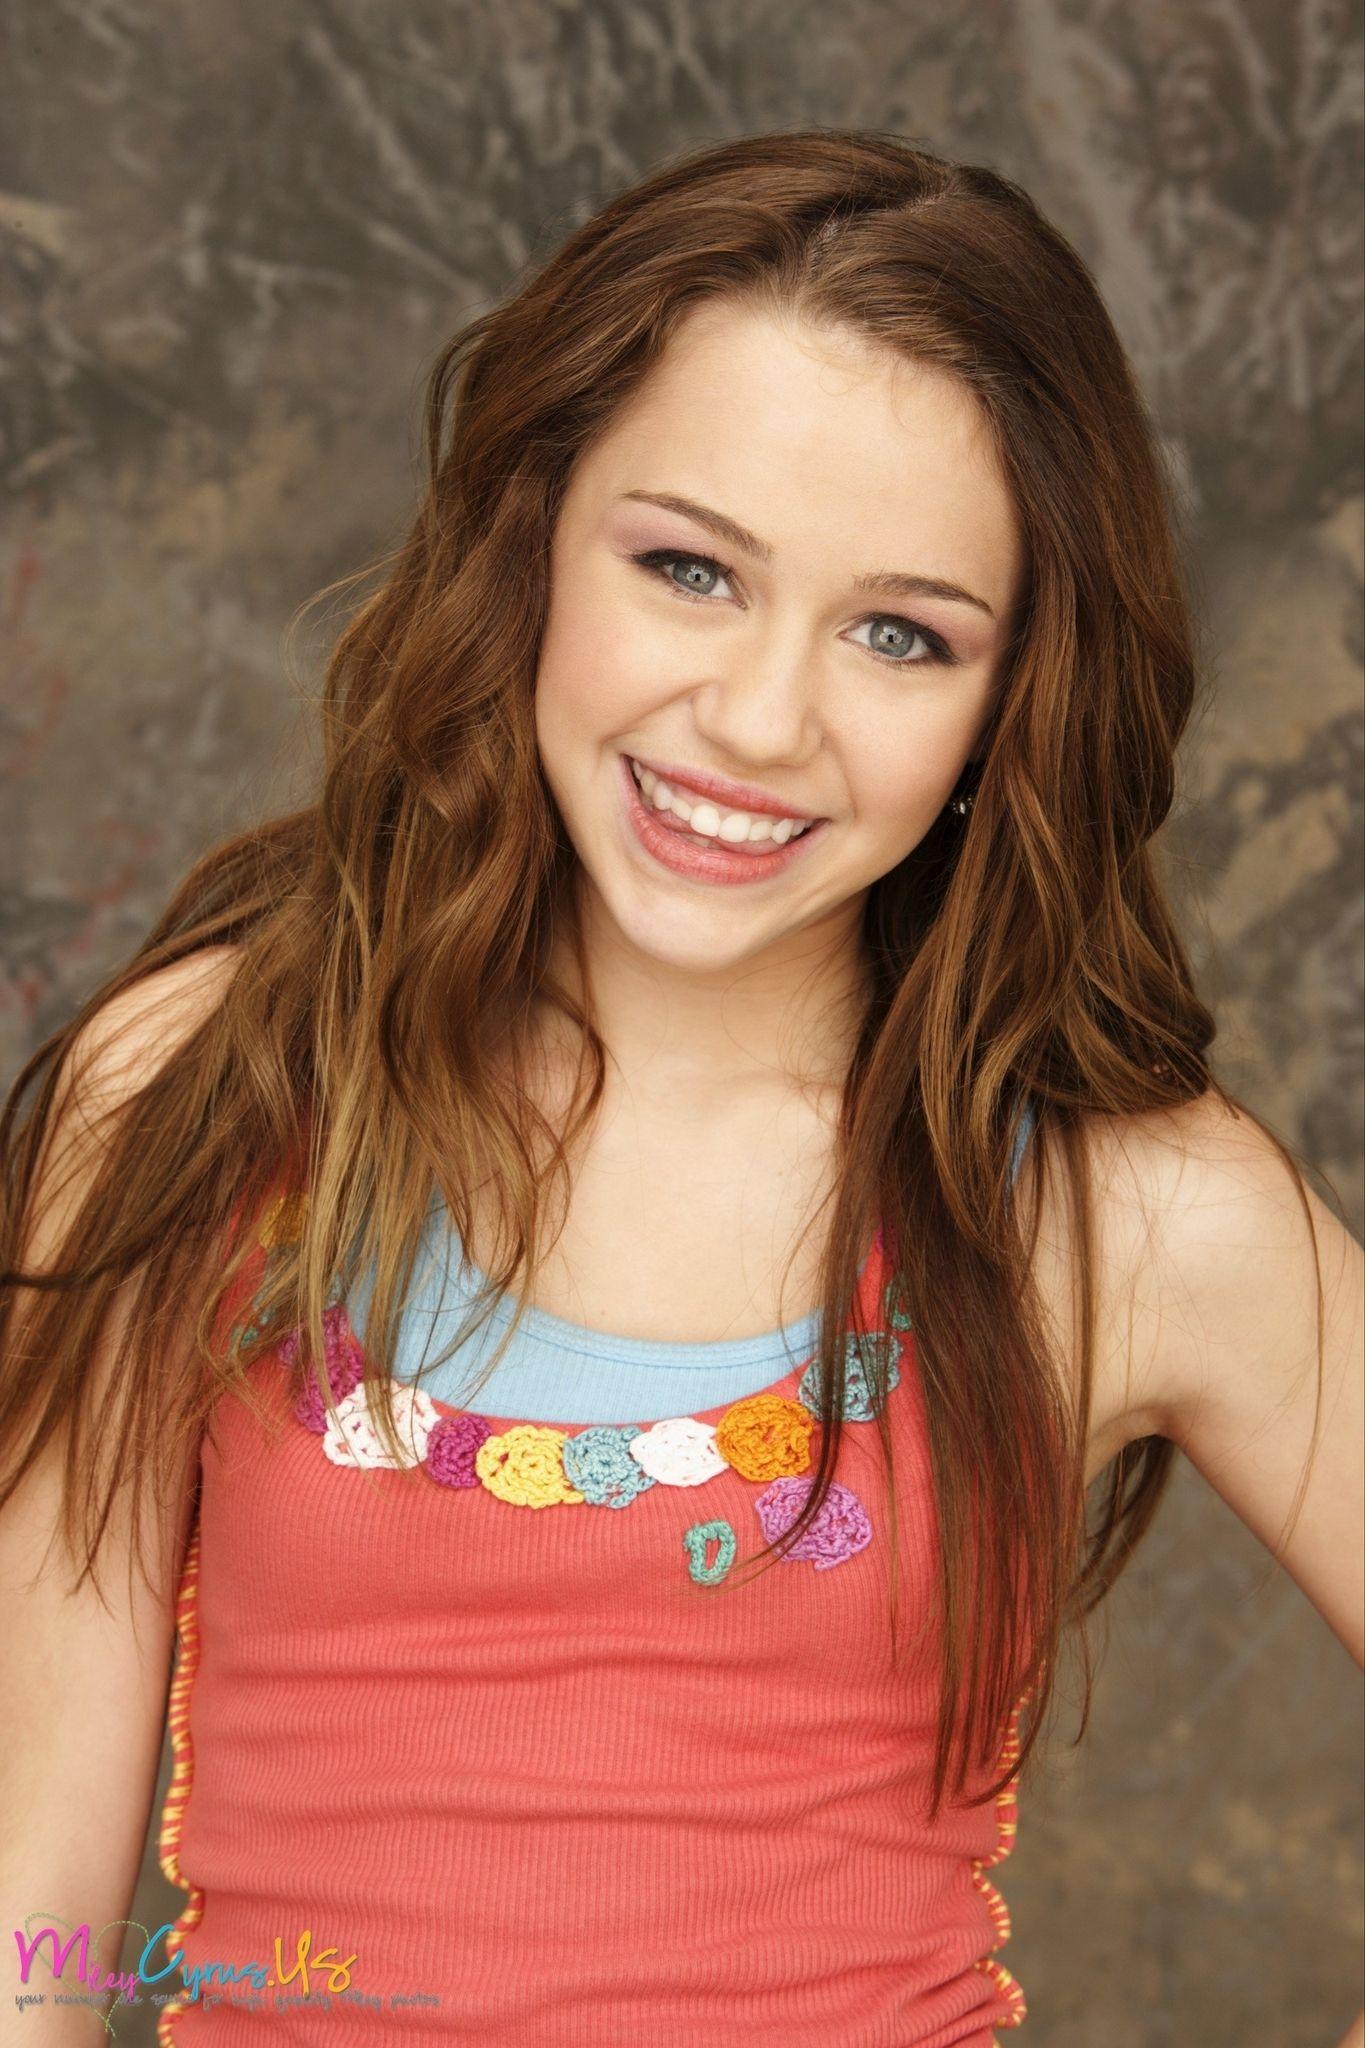 Hannah Montana Hannah Montana Season 1 Promotional Photos Hq